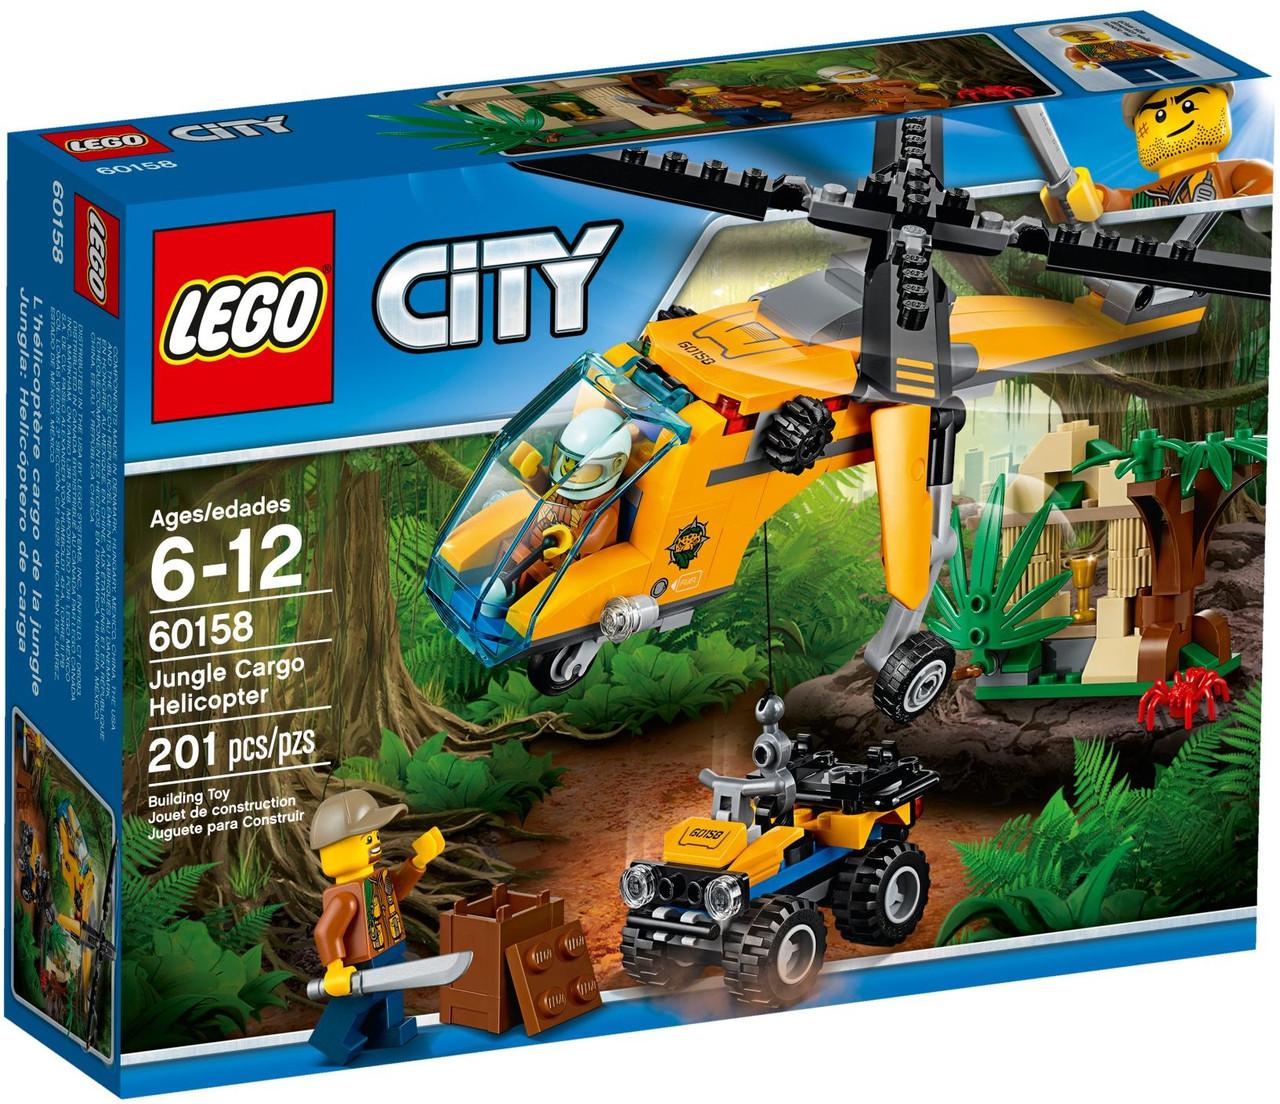 Лего Сіті Джунглі: вантажний гелікоптер 60158